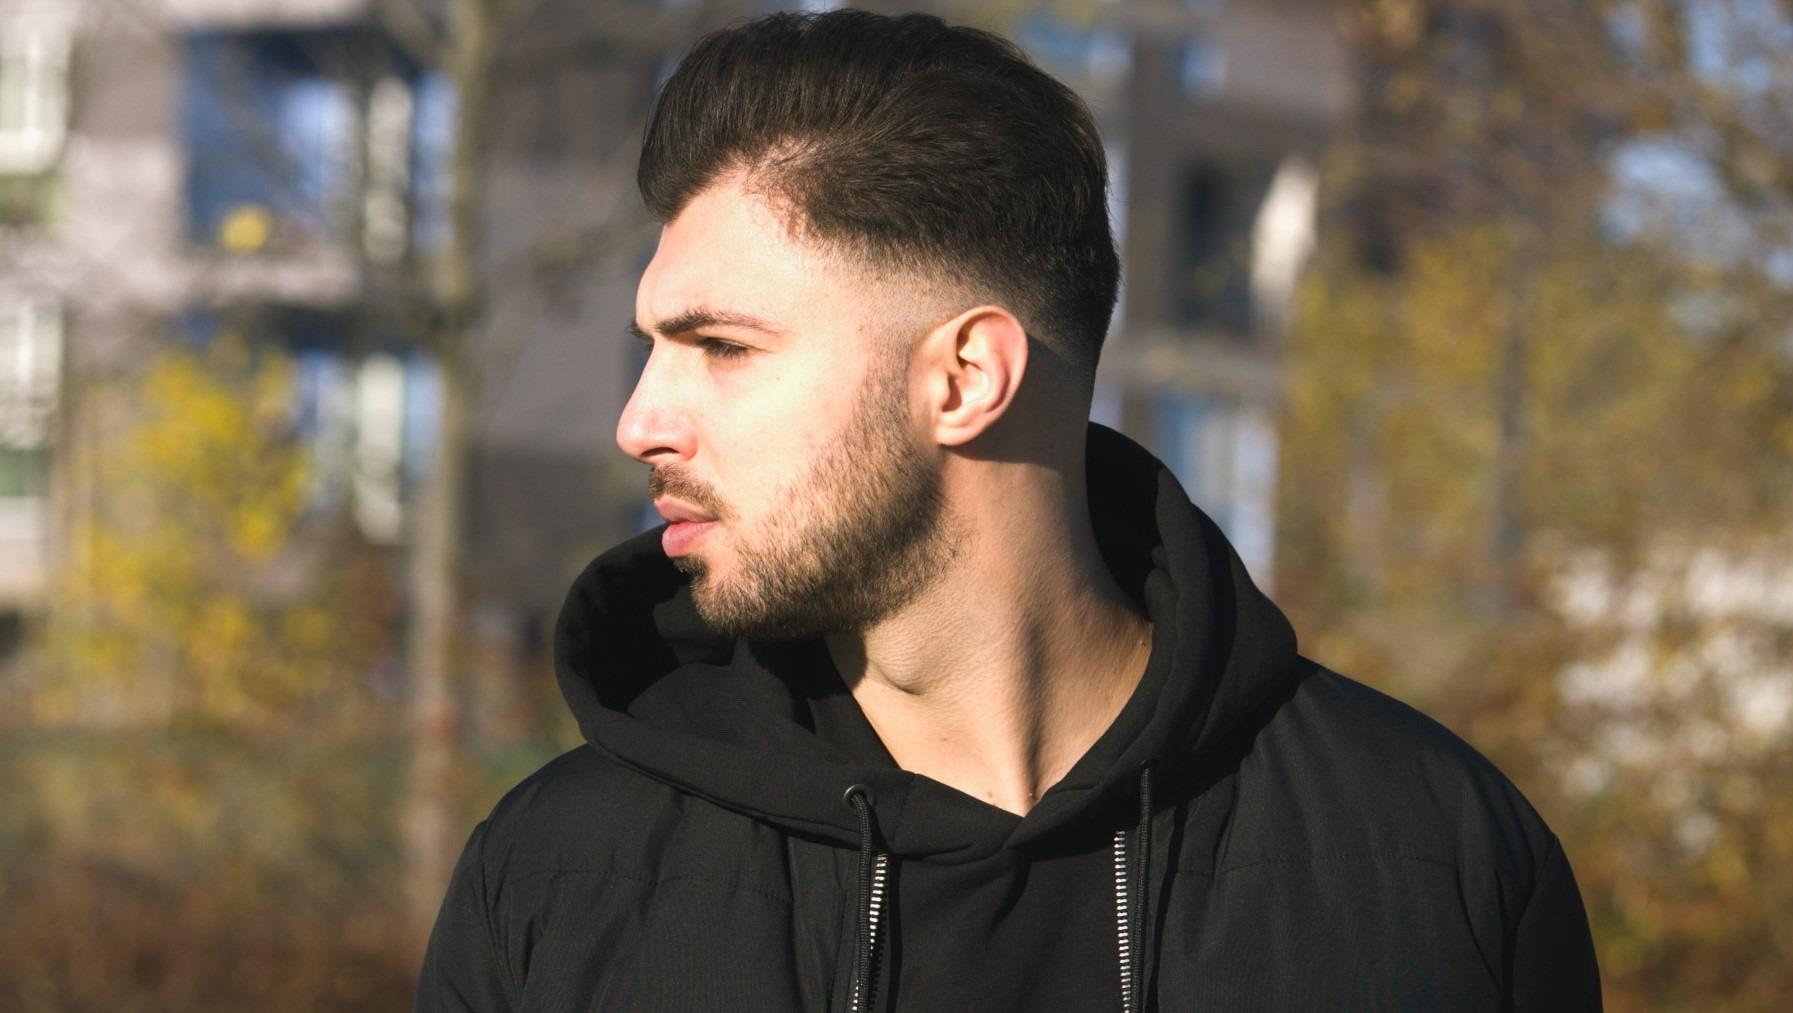 """Torna il """"rapper poliziotto"""" siciliano Revman, con il singolo """"Il Gelo"""" dedicato alle vittime della pandemia"""